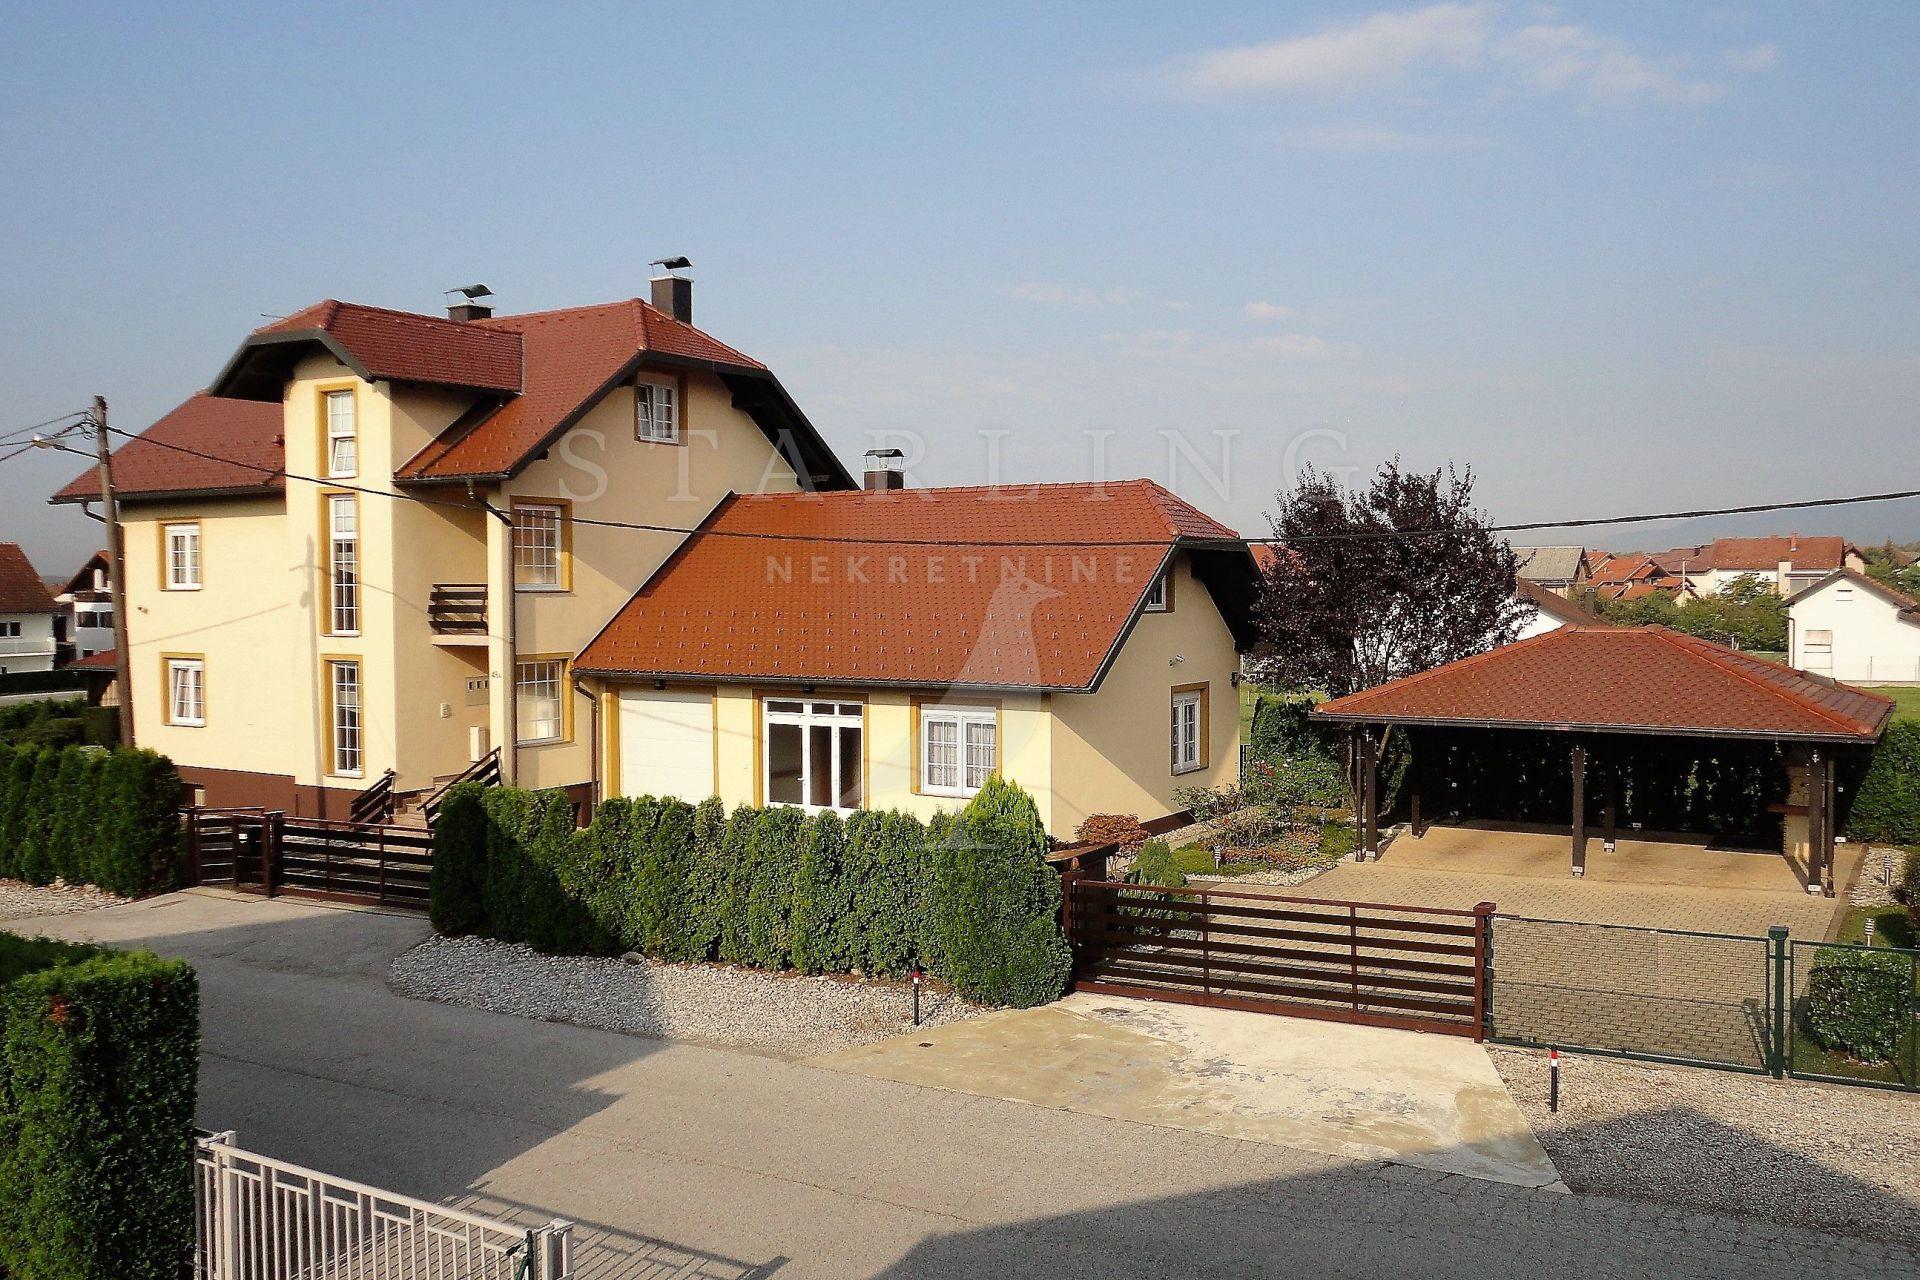 KUĆA, PRODAJA, SESVETE, SESVETSKI KRALJEVEC, 425 m2